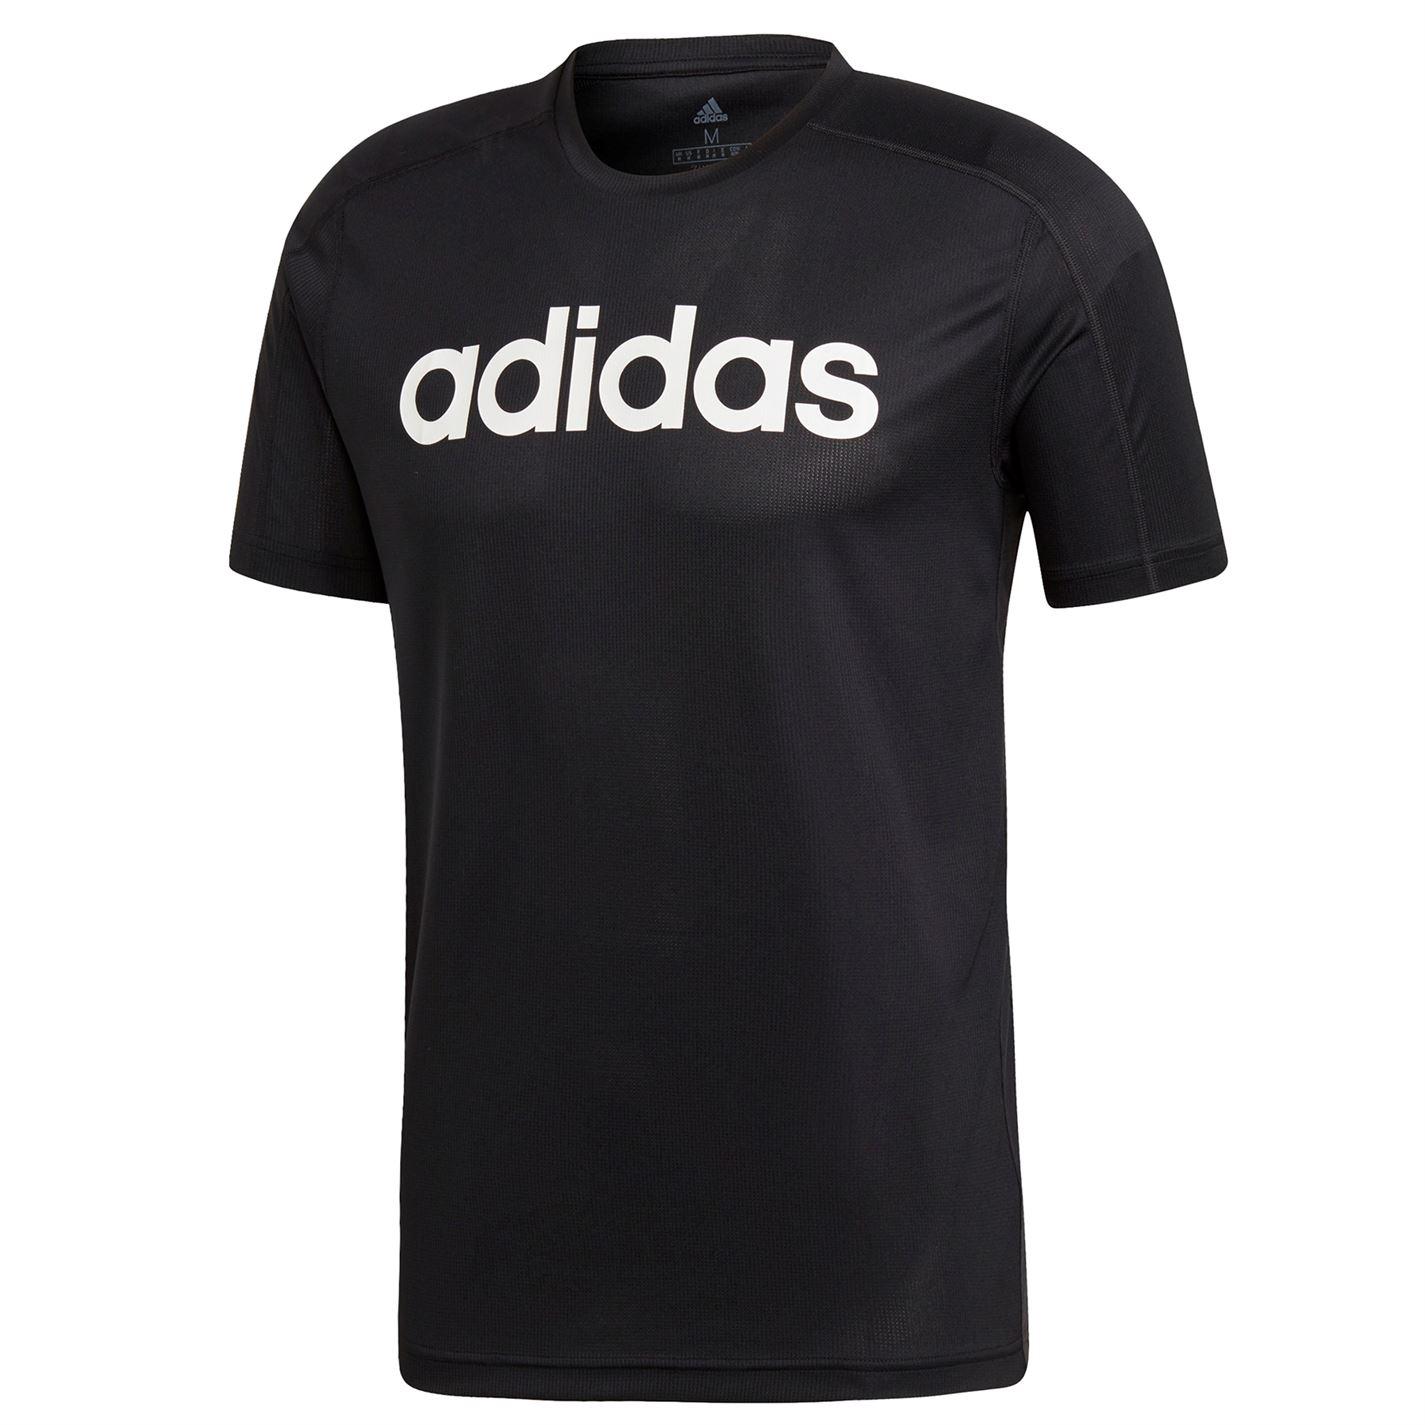 Adidas D2M Cool Logo Sn93